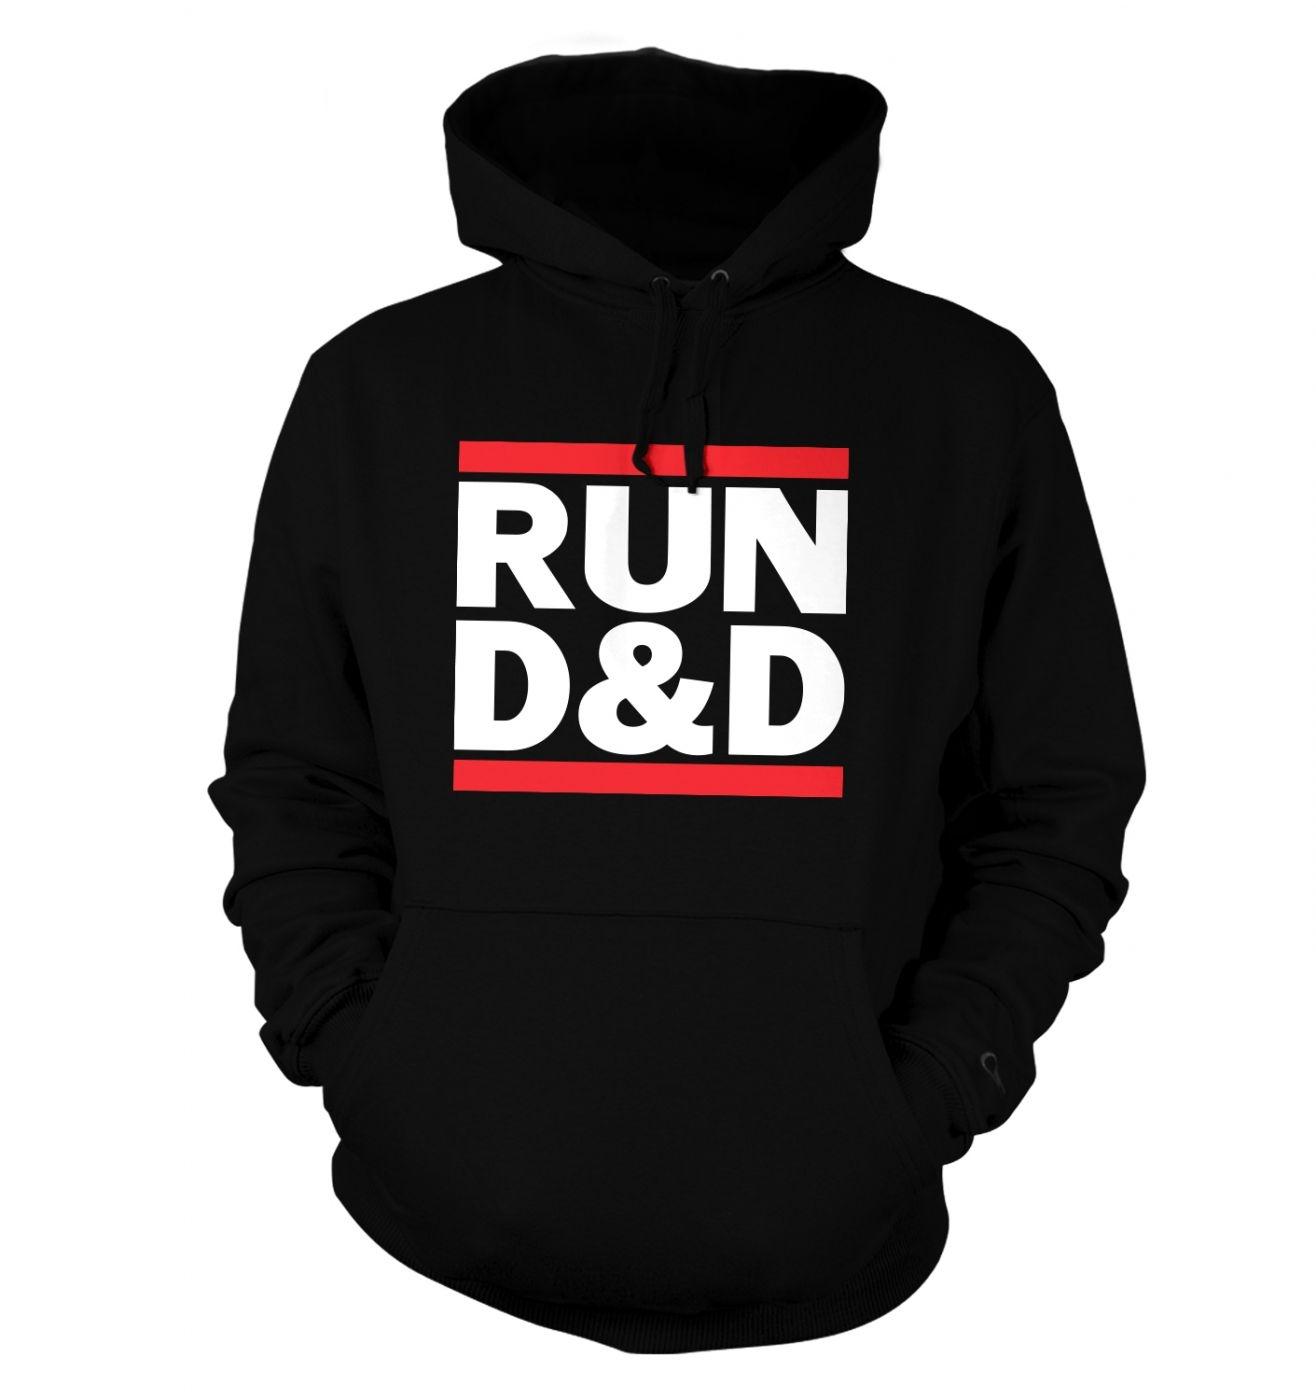 RUN D&D hoodie - RUN DnD hoody - funny hoodie for RPG gamers